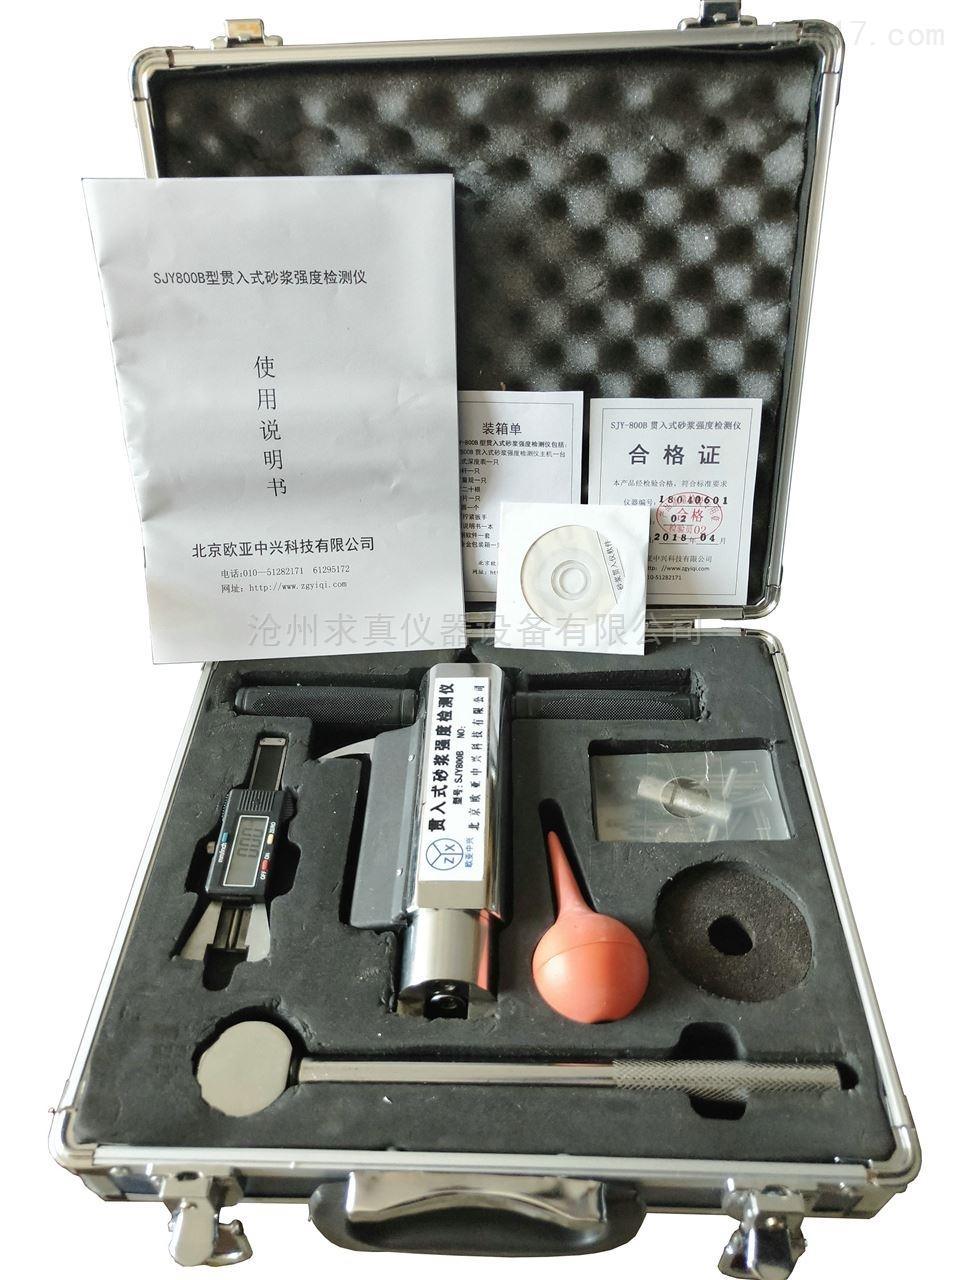 沧州求真仪器设备有限公司